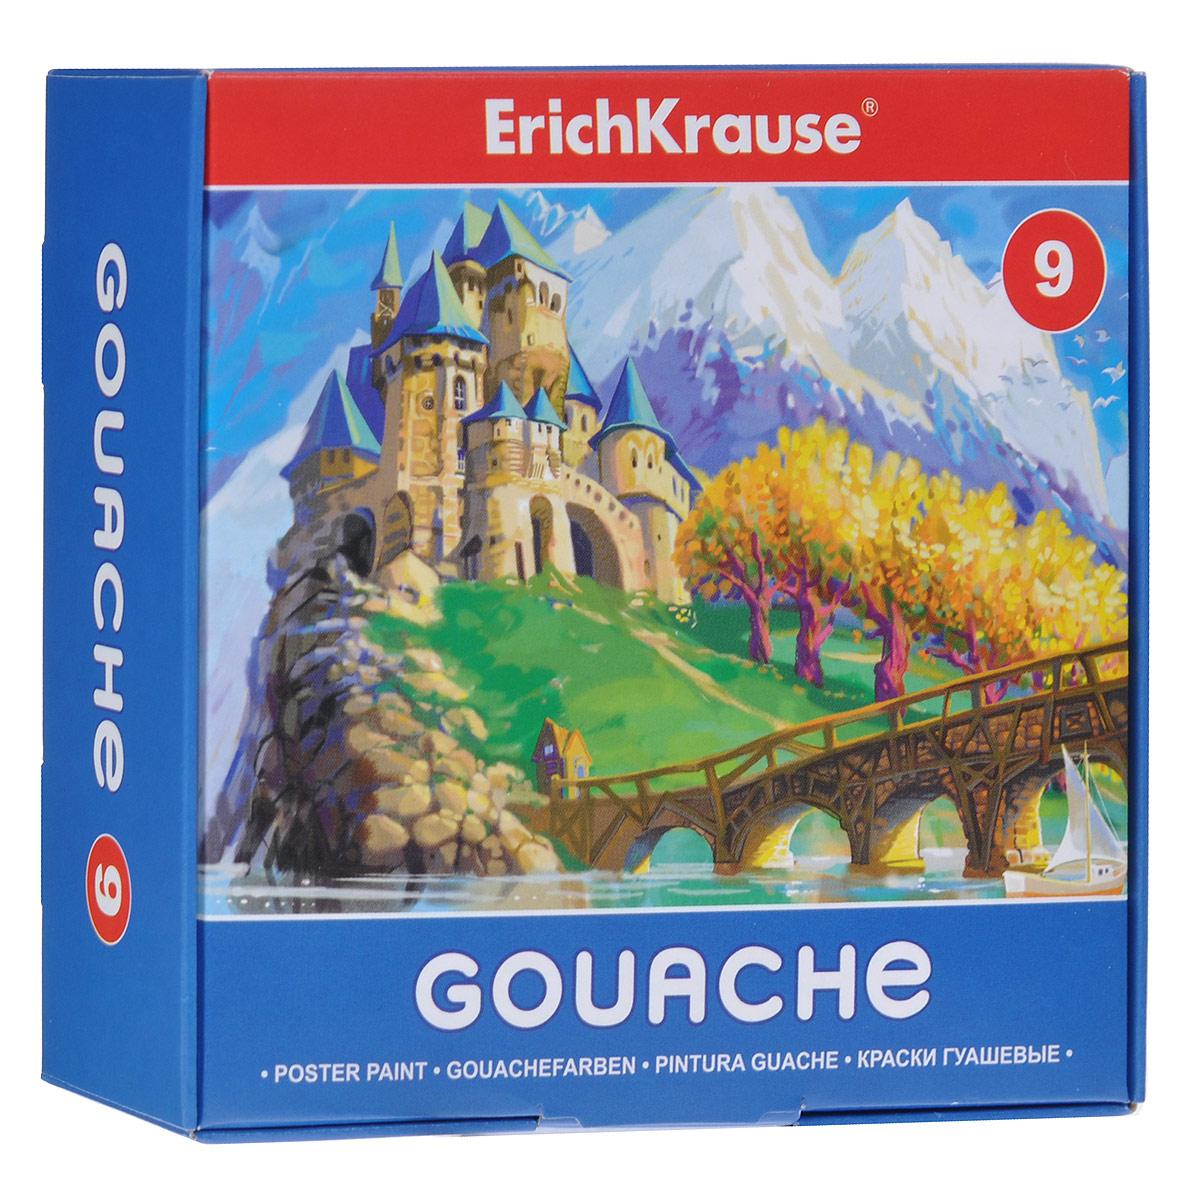 Гуашь Erich Krause, 9 цветовFS-00103Гуашь Erich Krause предназначена для декоративно-оформительских работ и творчества детей.В набор входят краски девяти цветов: белого, зеленого, оранжевого, красного, синего, коричневого, желтого, черного и лилового.Они легко наносятся на бумагу, картон и грунтованный холст. При высыхании приобретают матовую, бархатистую поверхность.